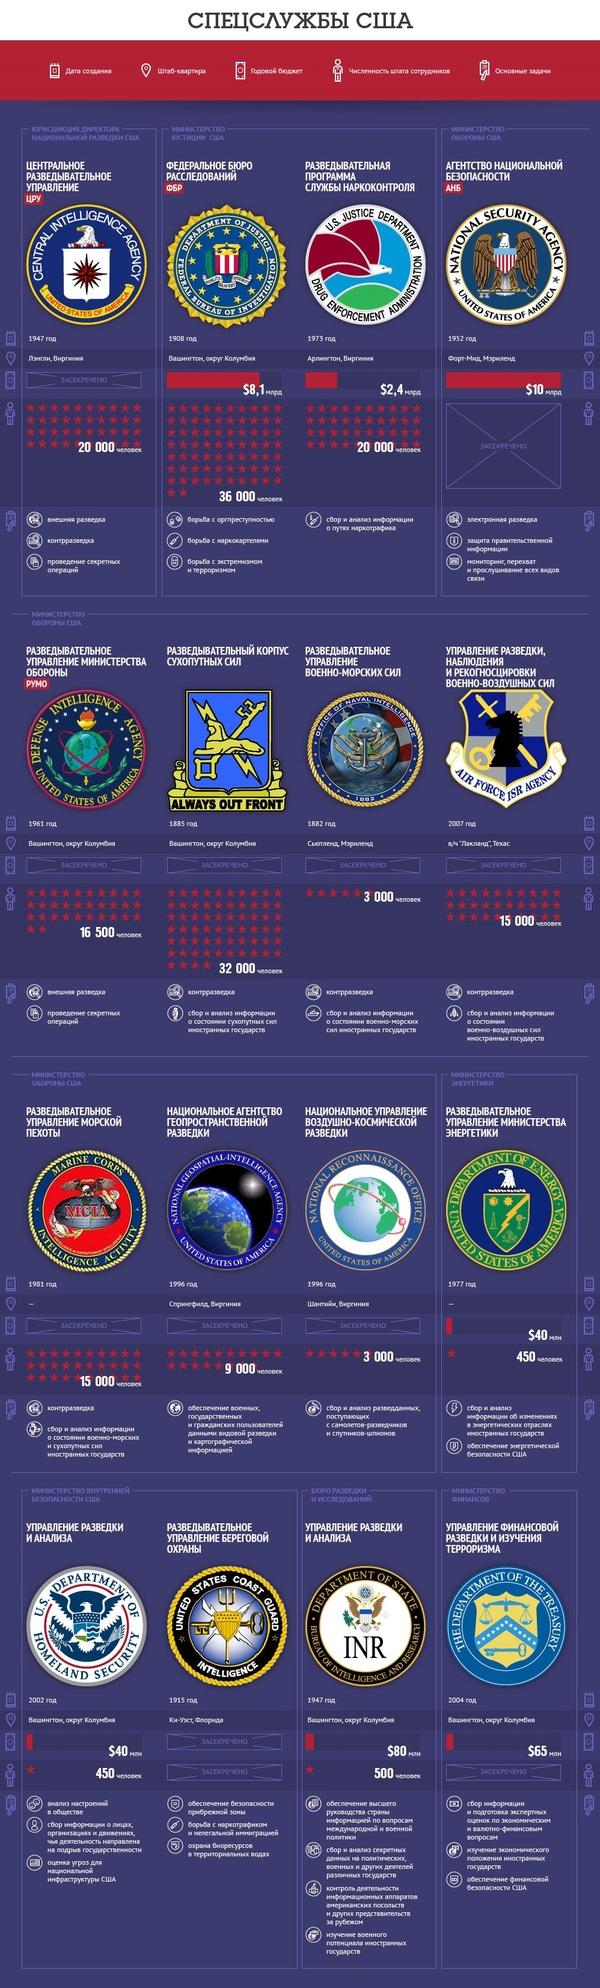 Спецслужбы США инфографика, спецслужбы, США, политика, цру, АНБ, FBI, длиннопост